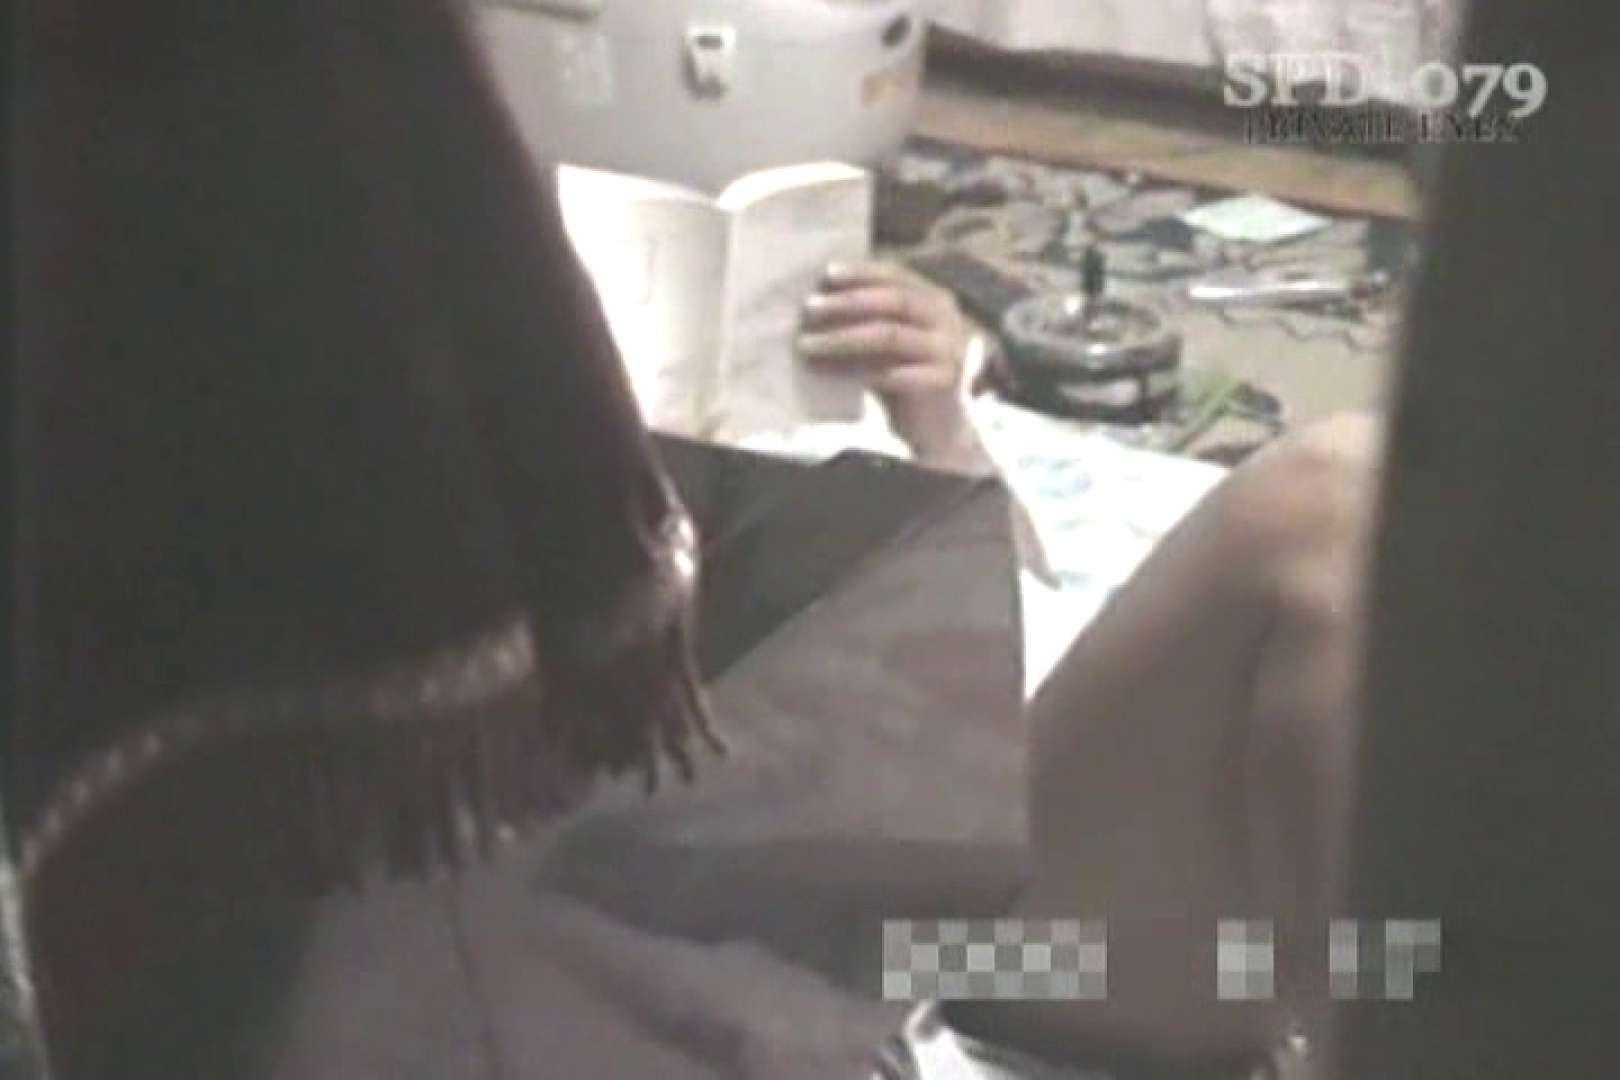 高画質版!SPD-079 盗撮 ~住宅地の恐怖~ プライベート 盗み撮り動画キャプチャ 93枚 39